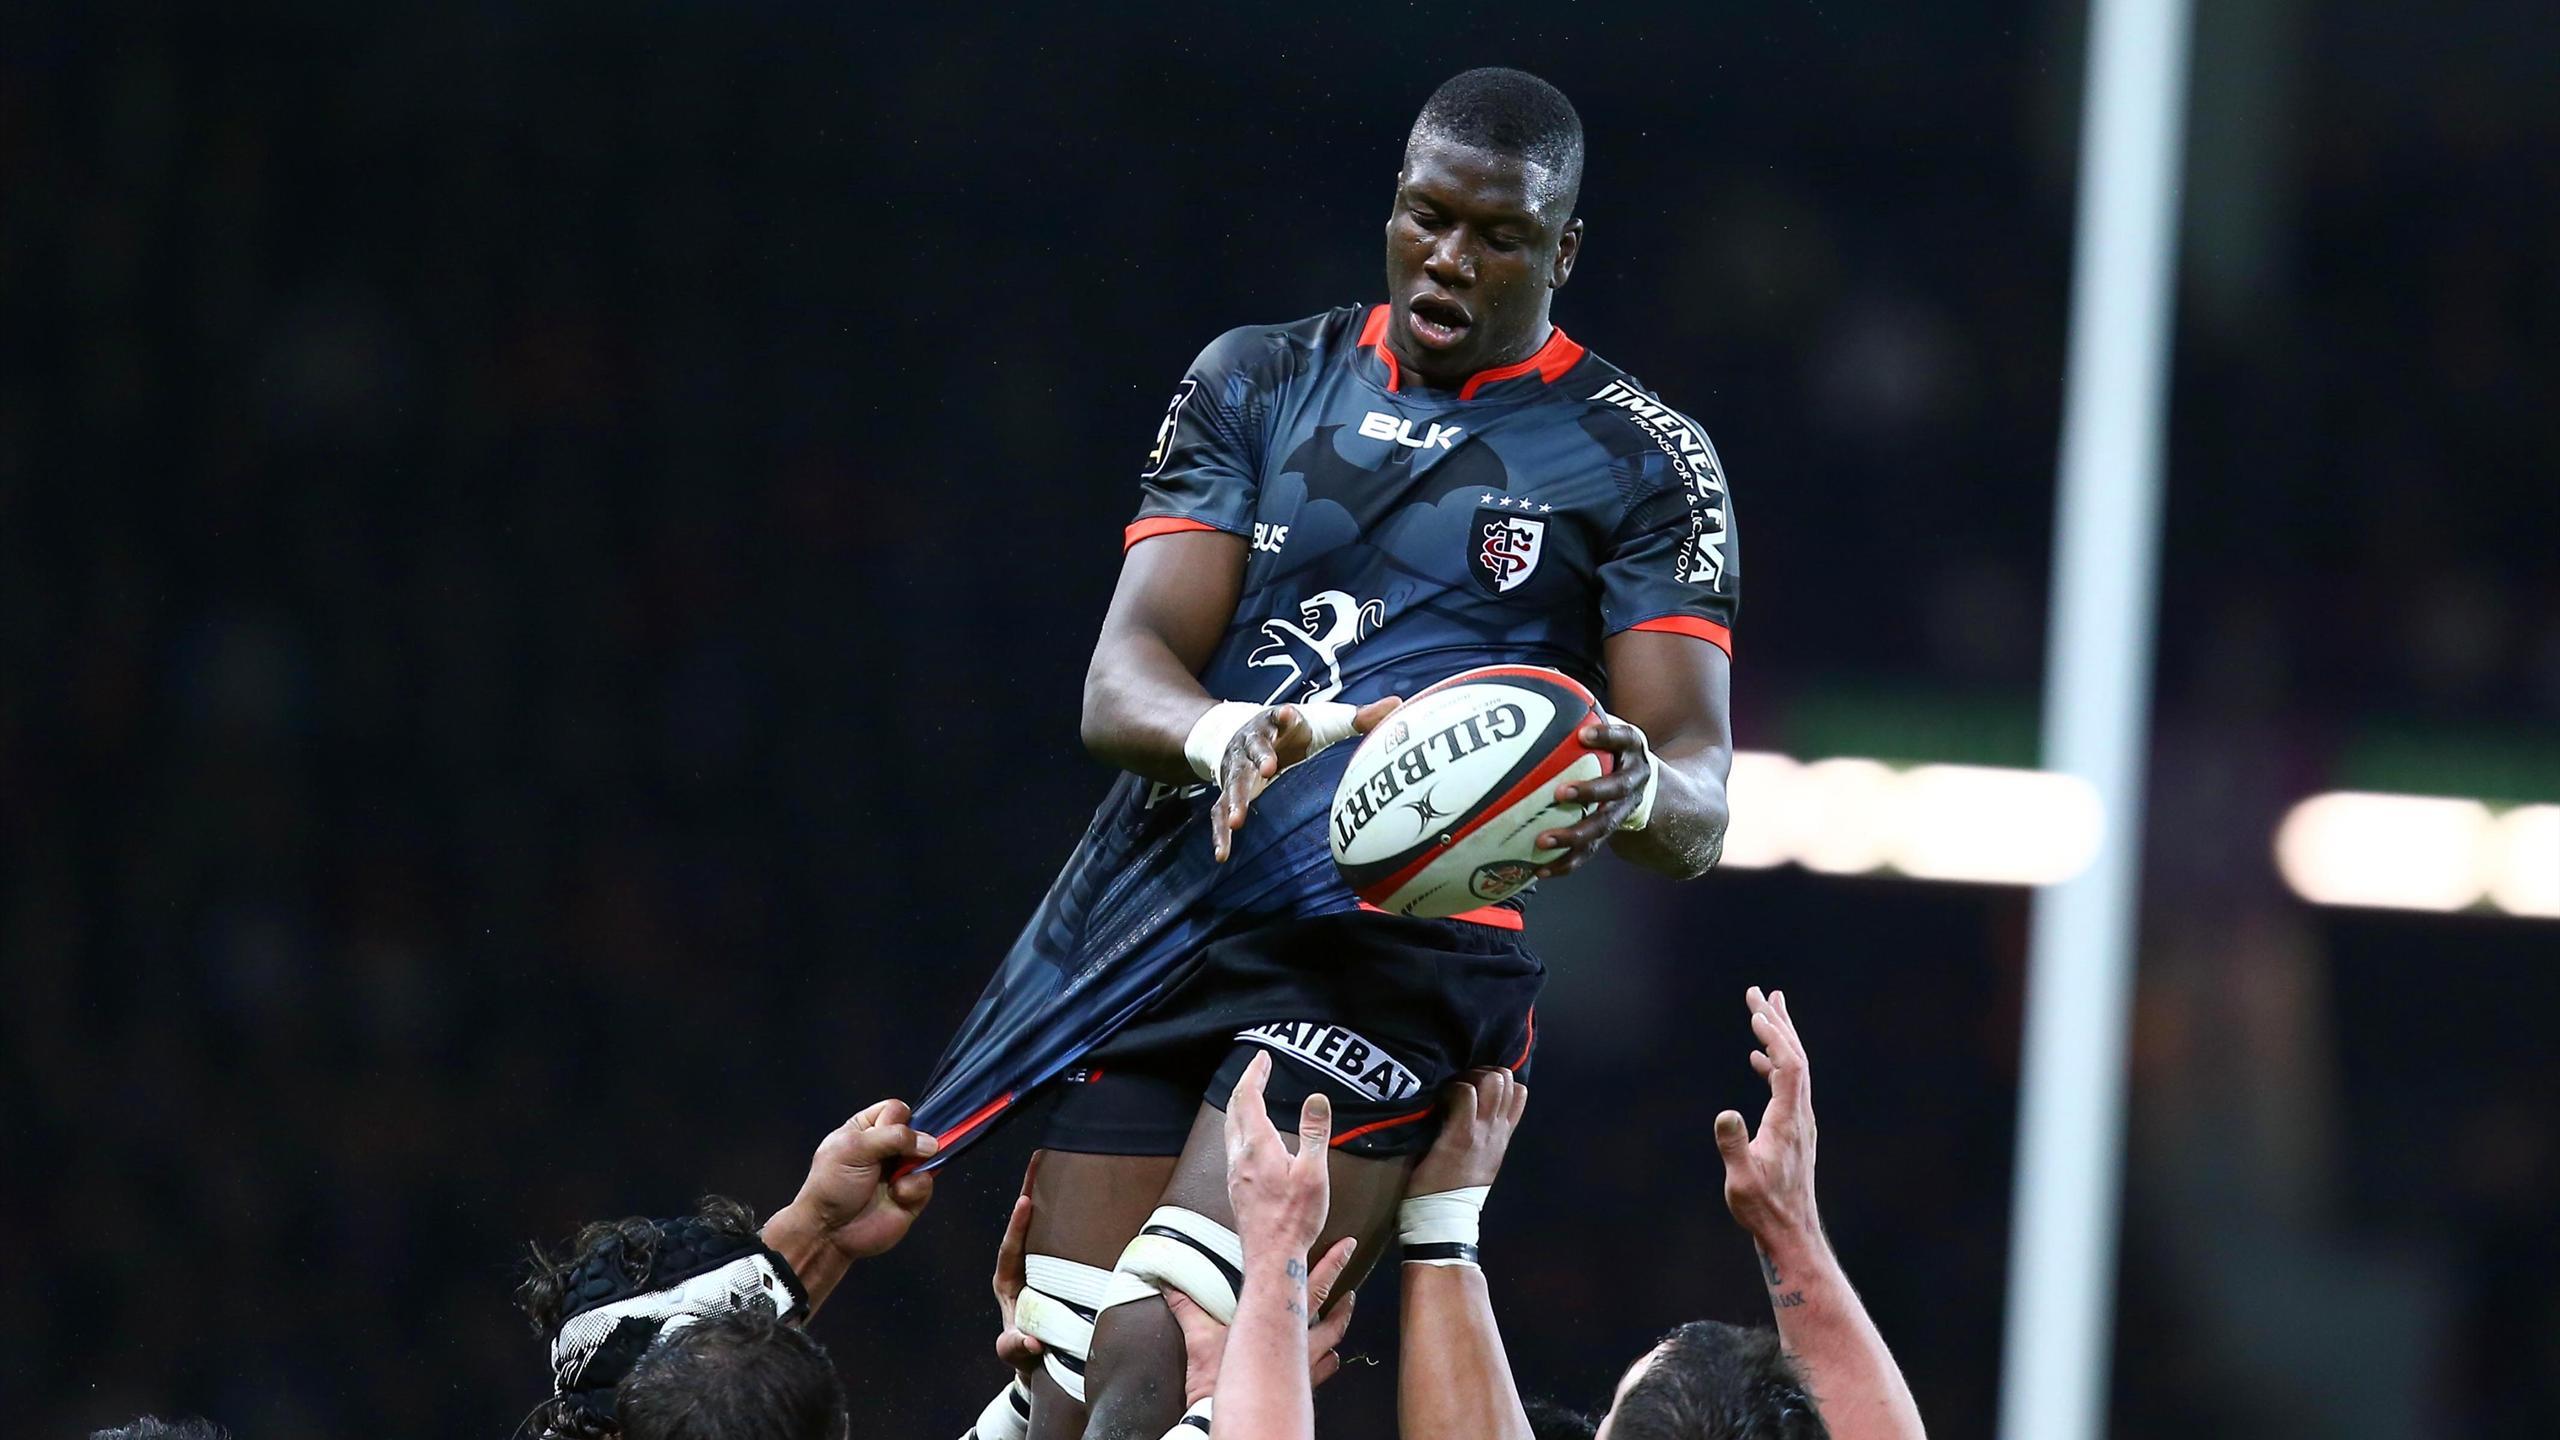 Yacouba Camara capte un ballon en touche lors de Toulouse - Toulon